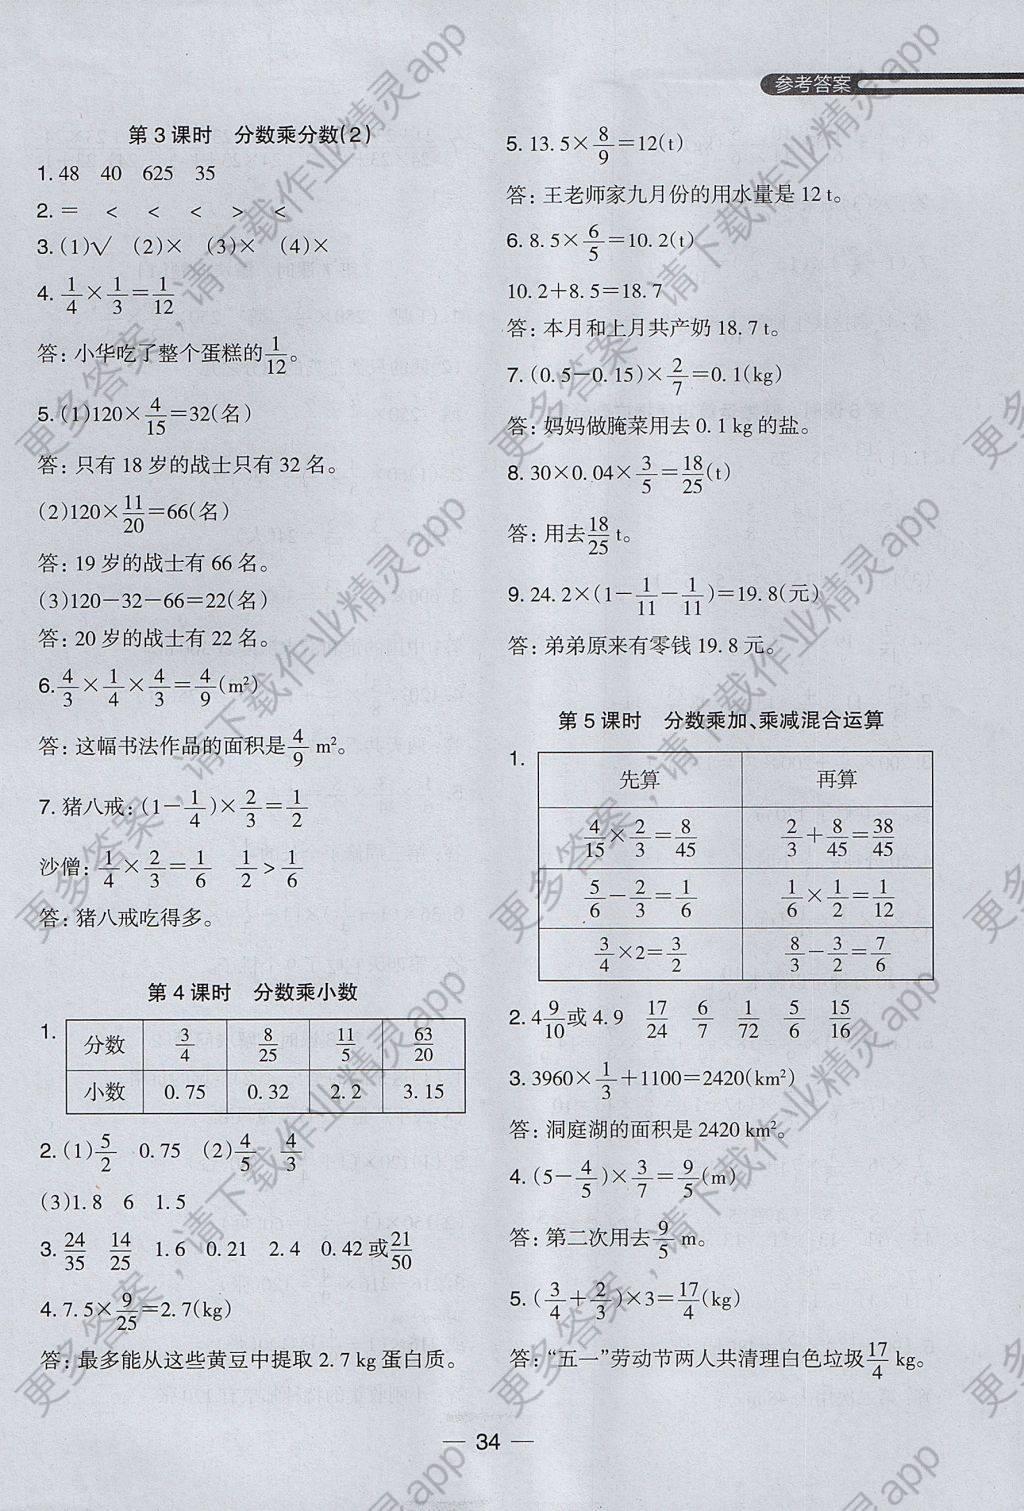 2017年木头马分层课课练小学数学六年级上册